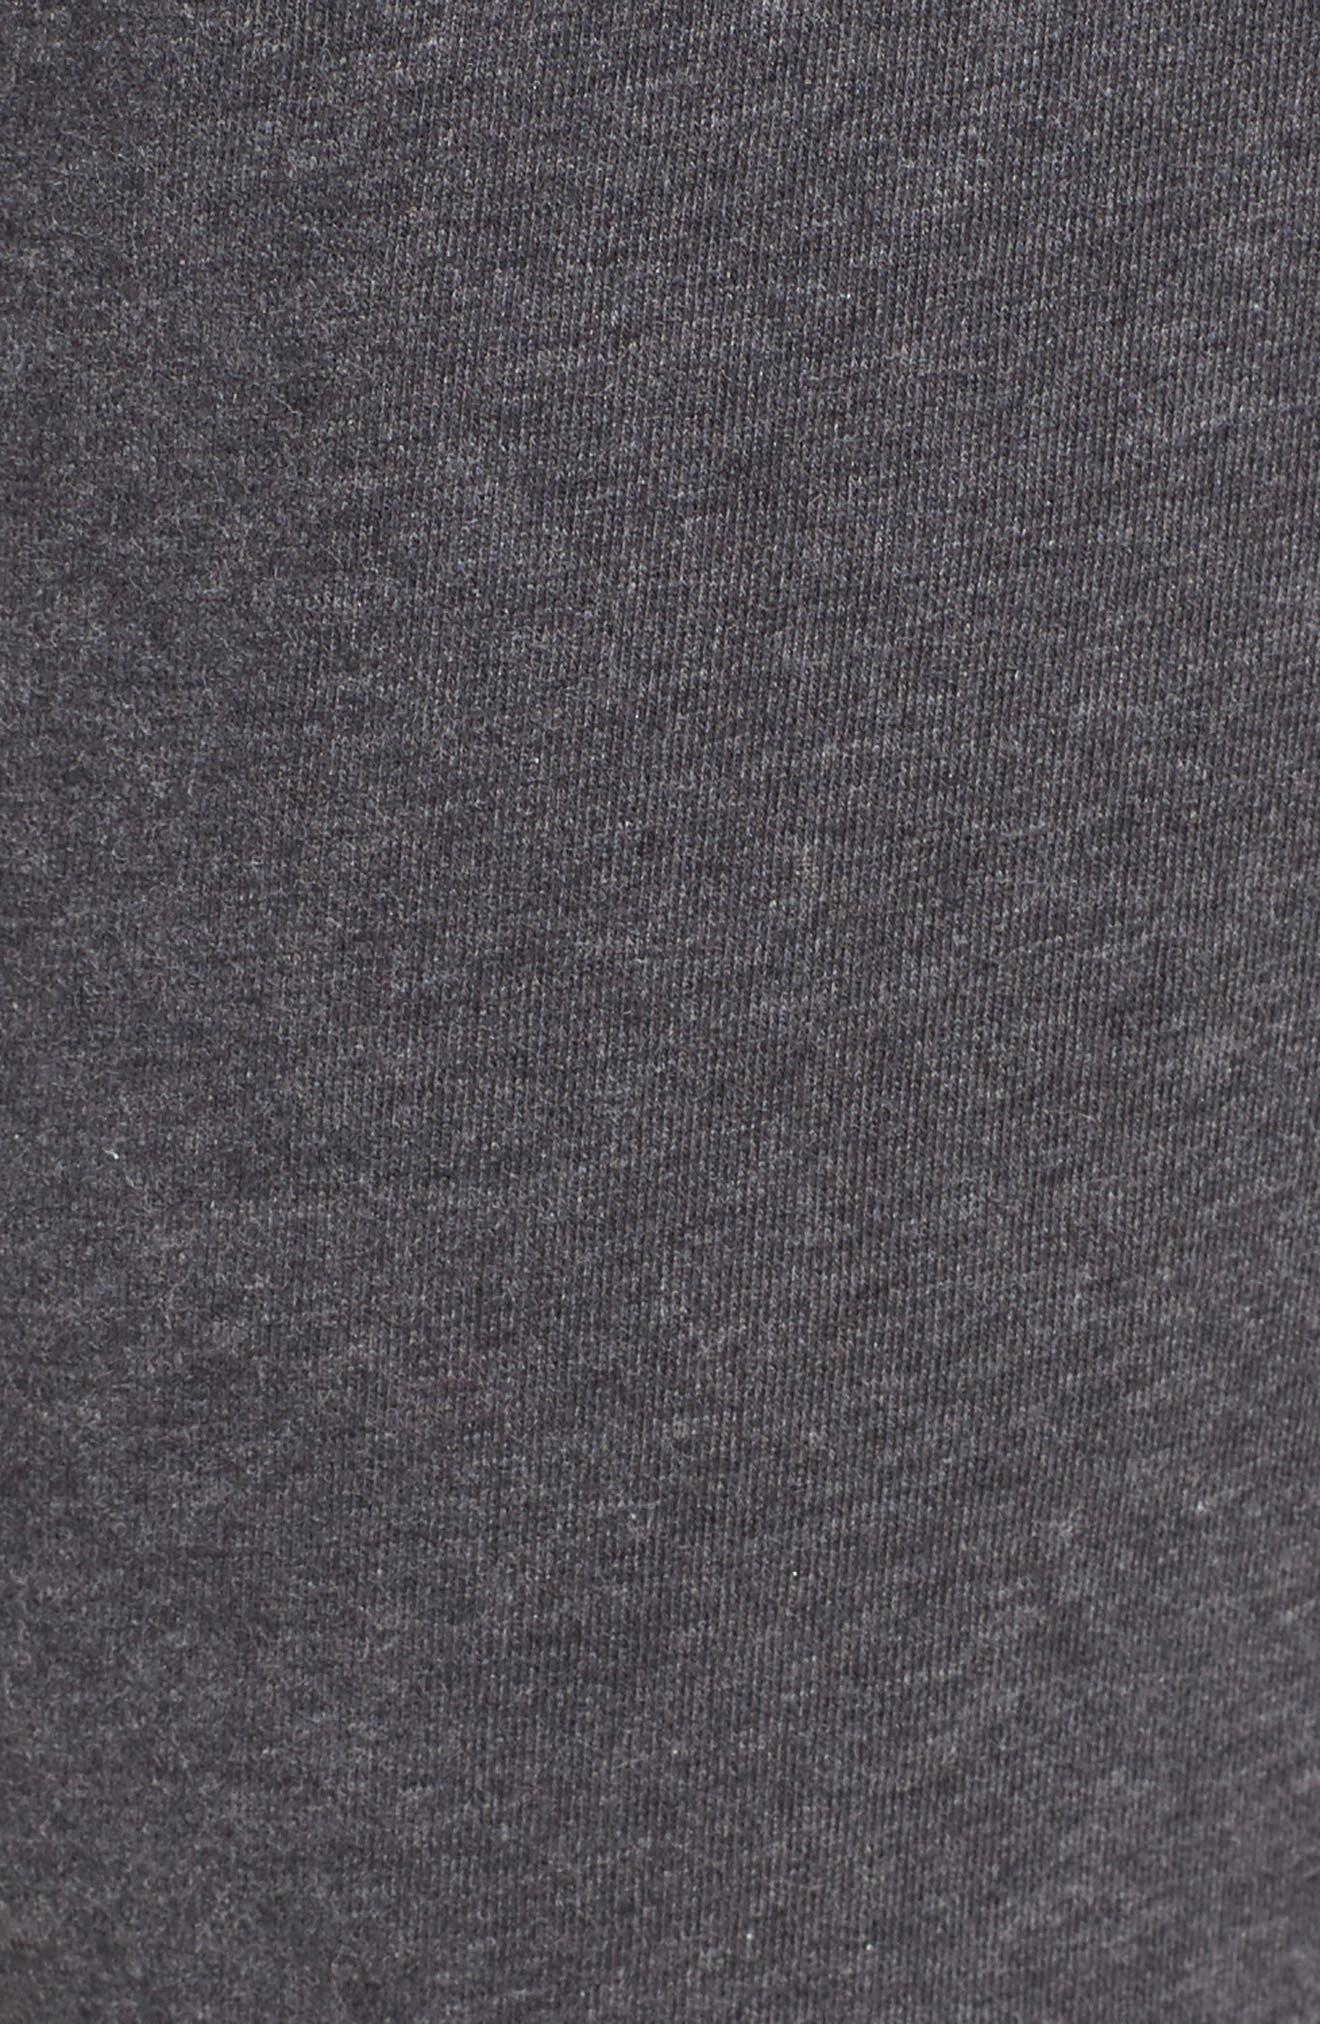 Stretch Cotton Lounge Pants,                             Alternate thumbnail 9, color,